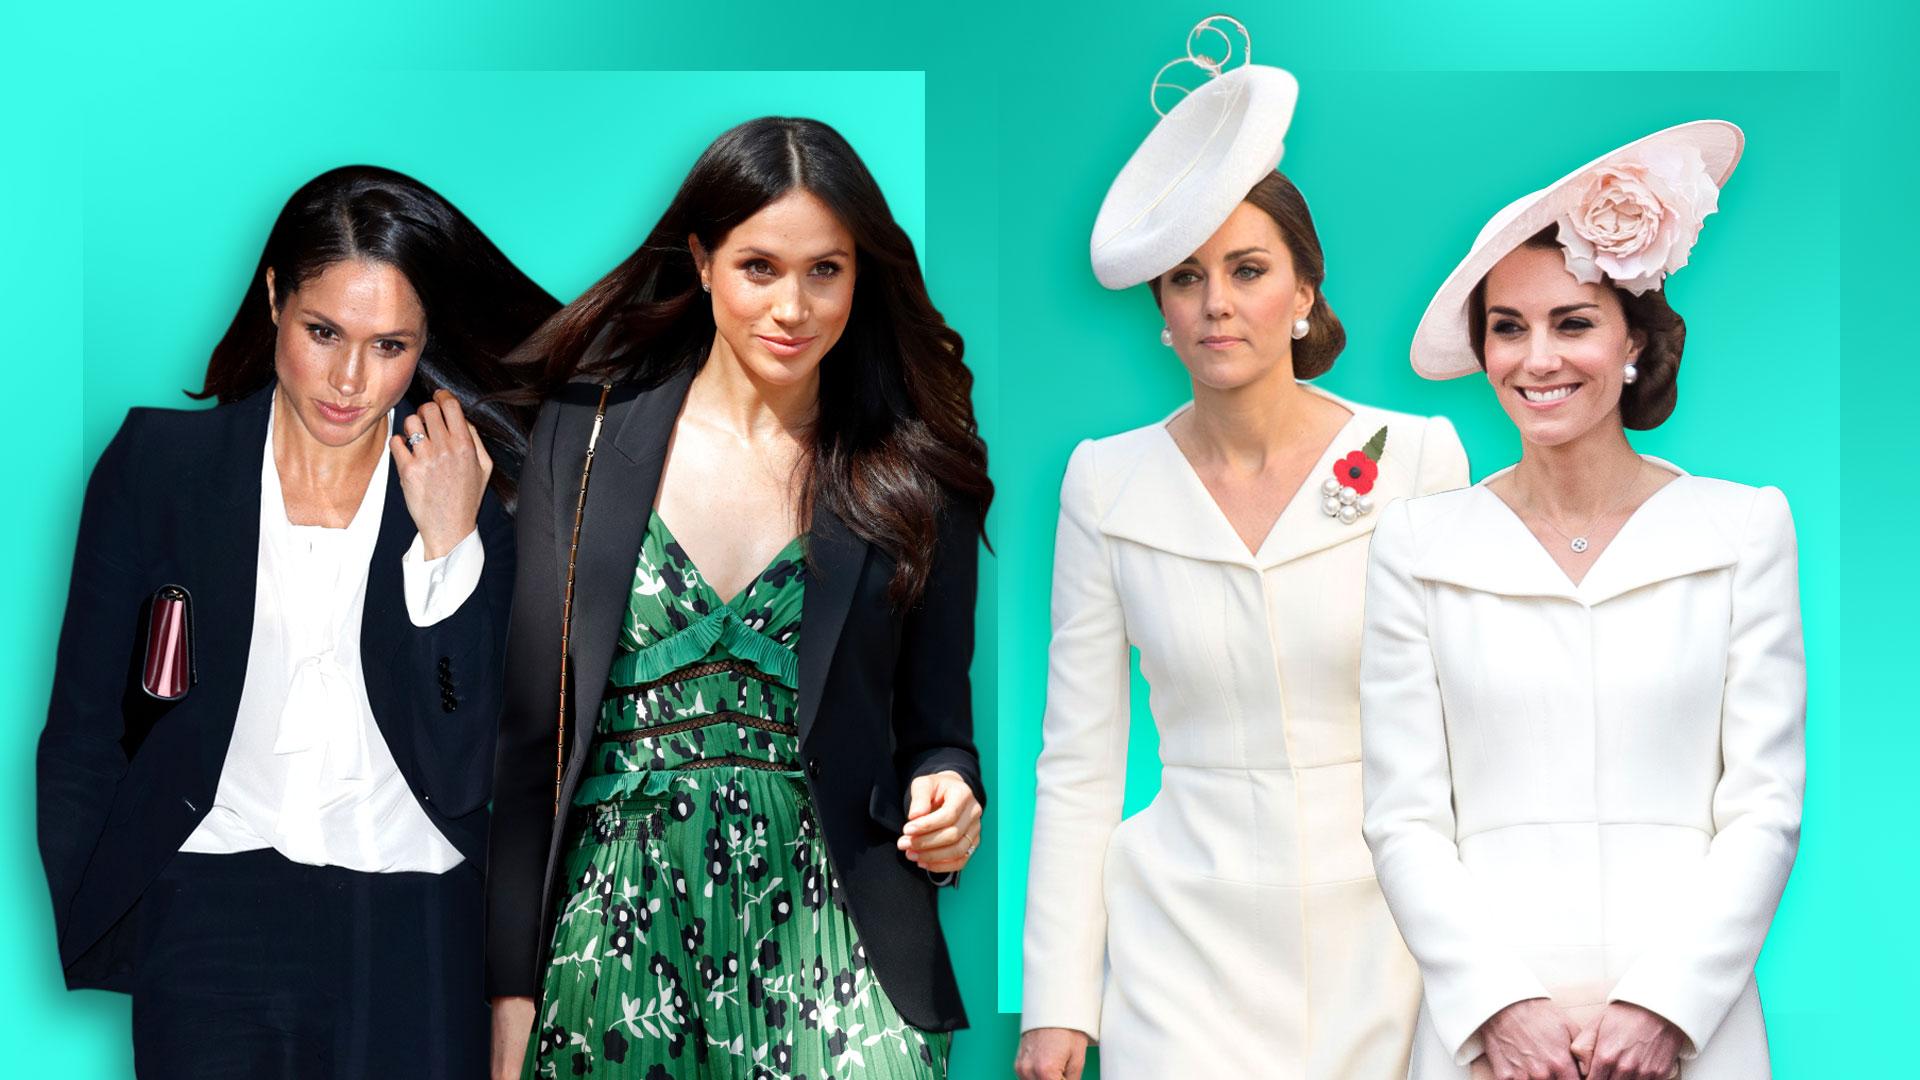 meghan markle kate middleton fashion royals rewearing clothes stylecaster meghan markle kate middleton fashion